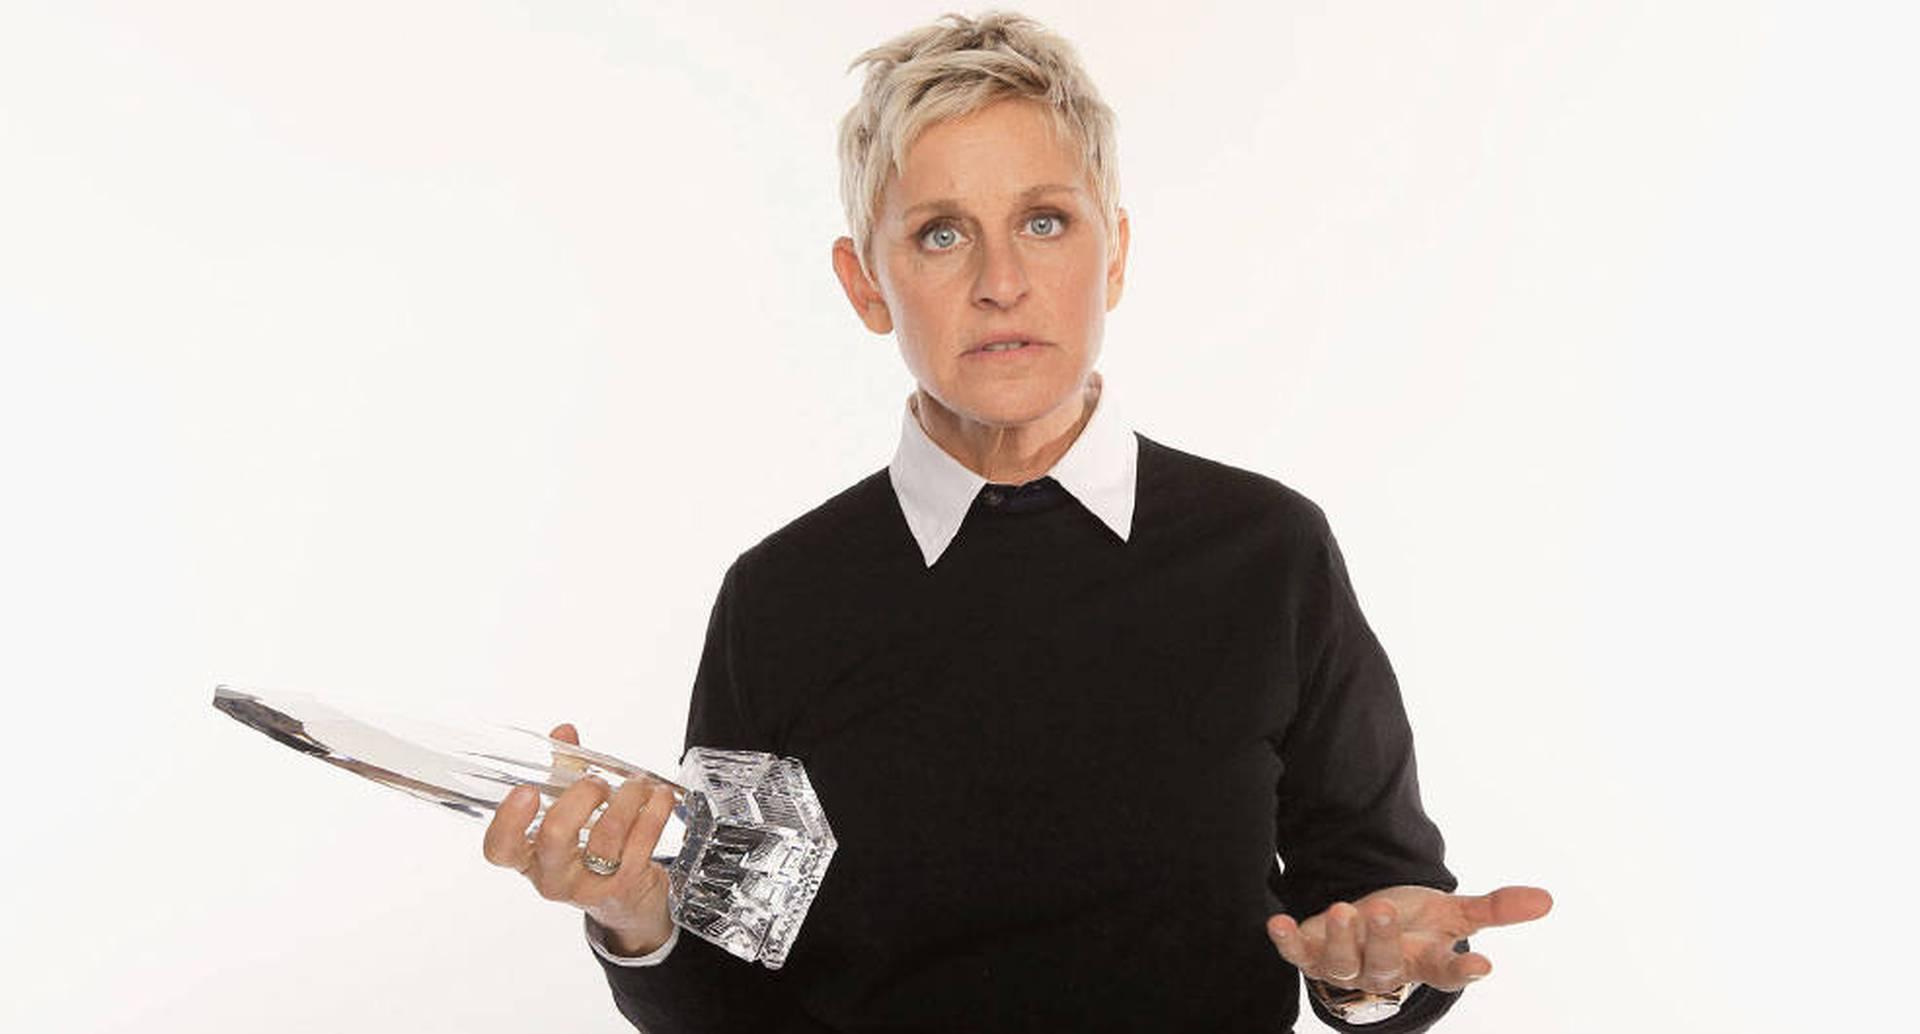 Sus exempleados acusan a Ellen DeGeneres de tratarlos mal y explotarlos.